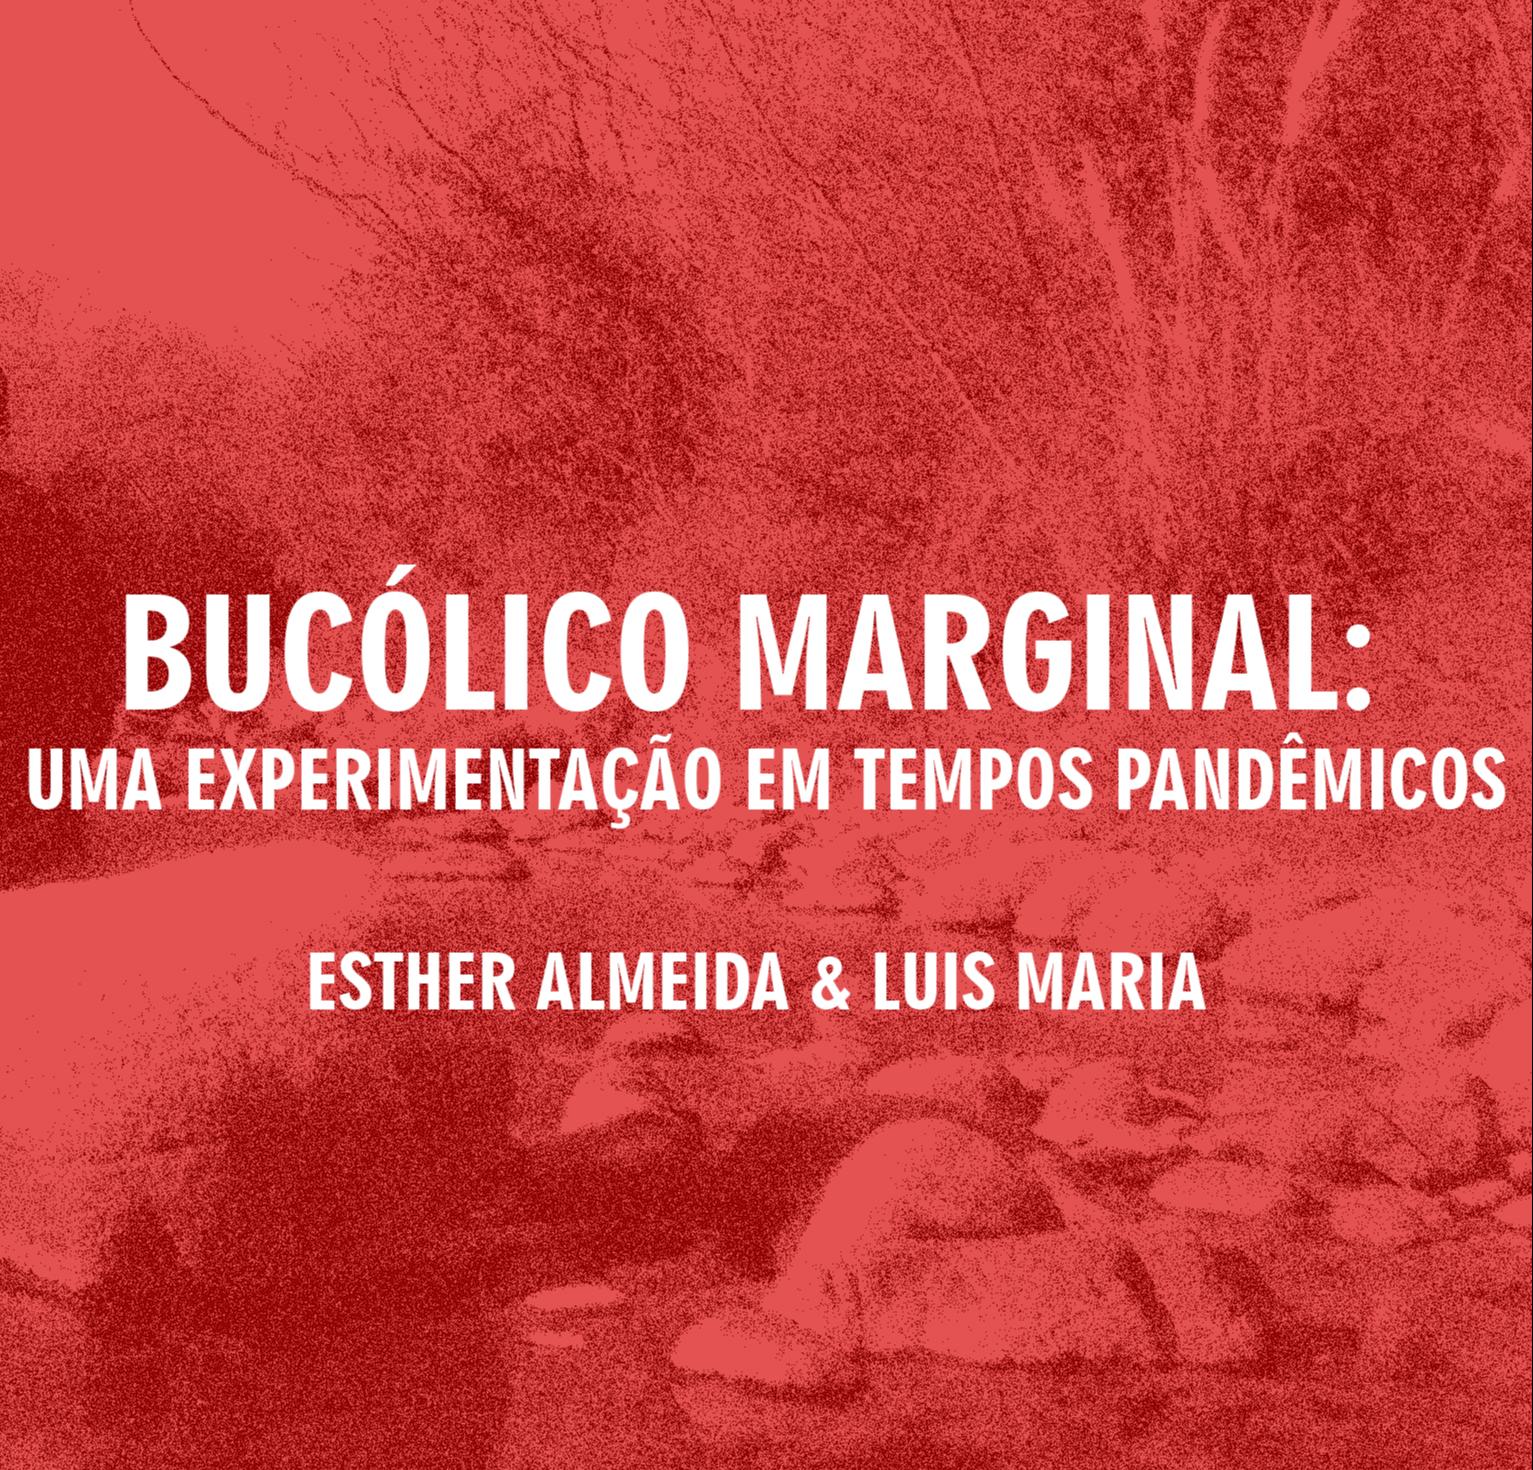 Bucólico Marginal: uma experimentação em tempos pandêmicos - Esther Almeida & Luis Maria